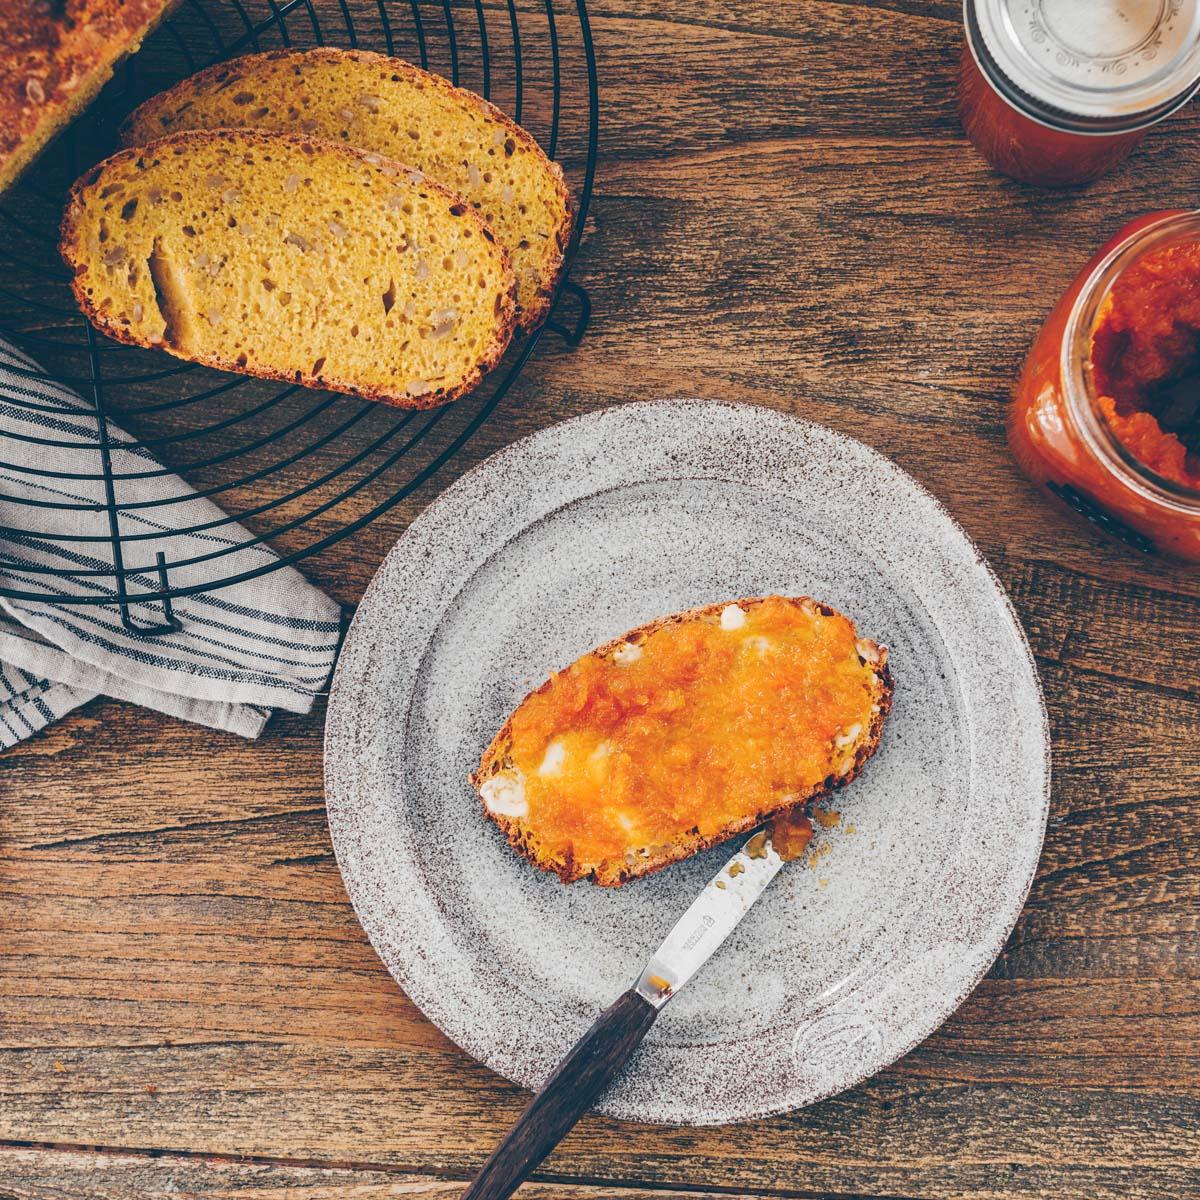 Rüebli-Brot & Apfel-Rüebli Konfi